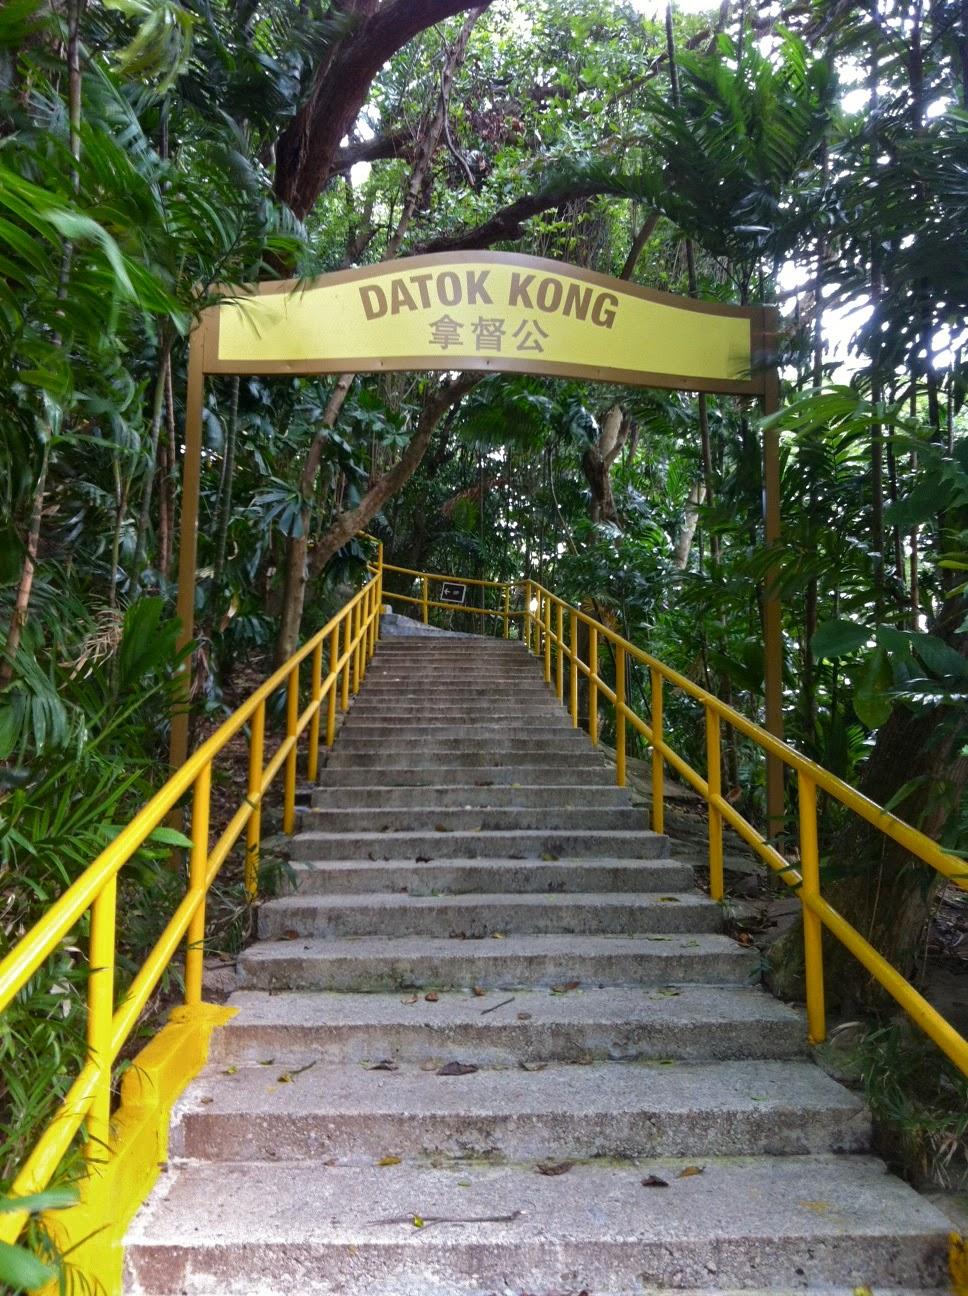 Kusu island Datok Kong